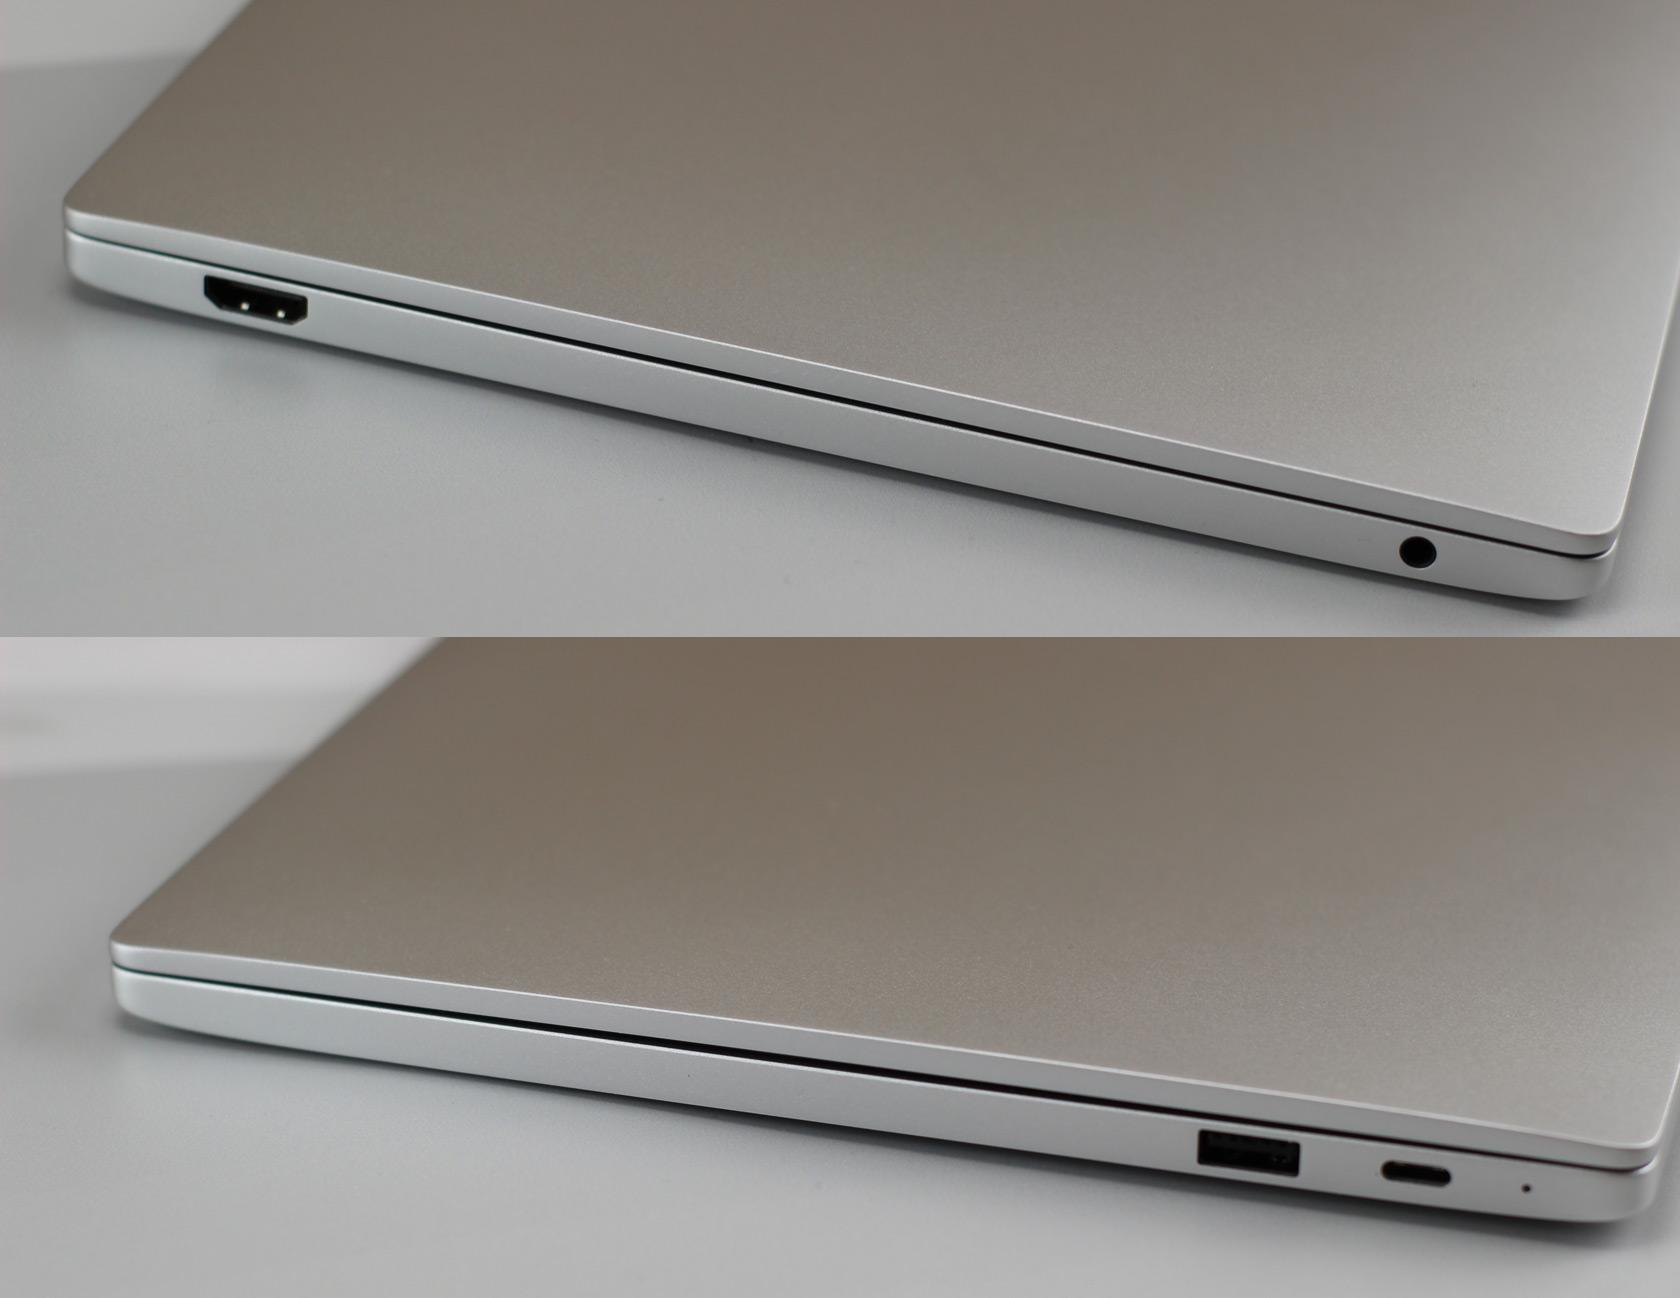 Wenige Anschlussmöglichkeiten beim Xiaomi Mi Air